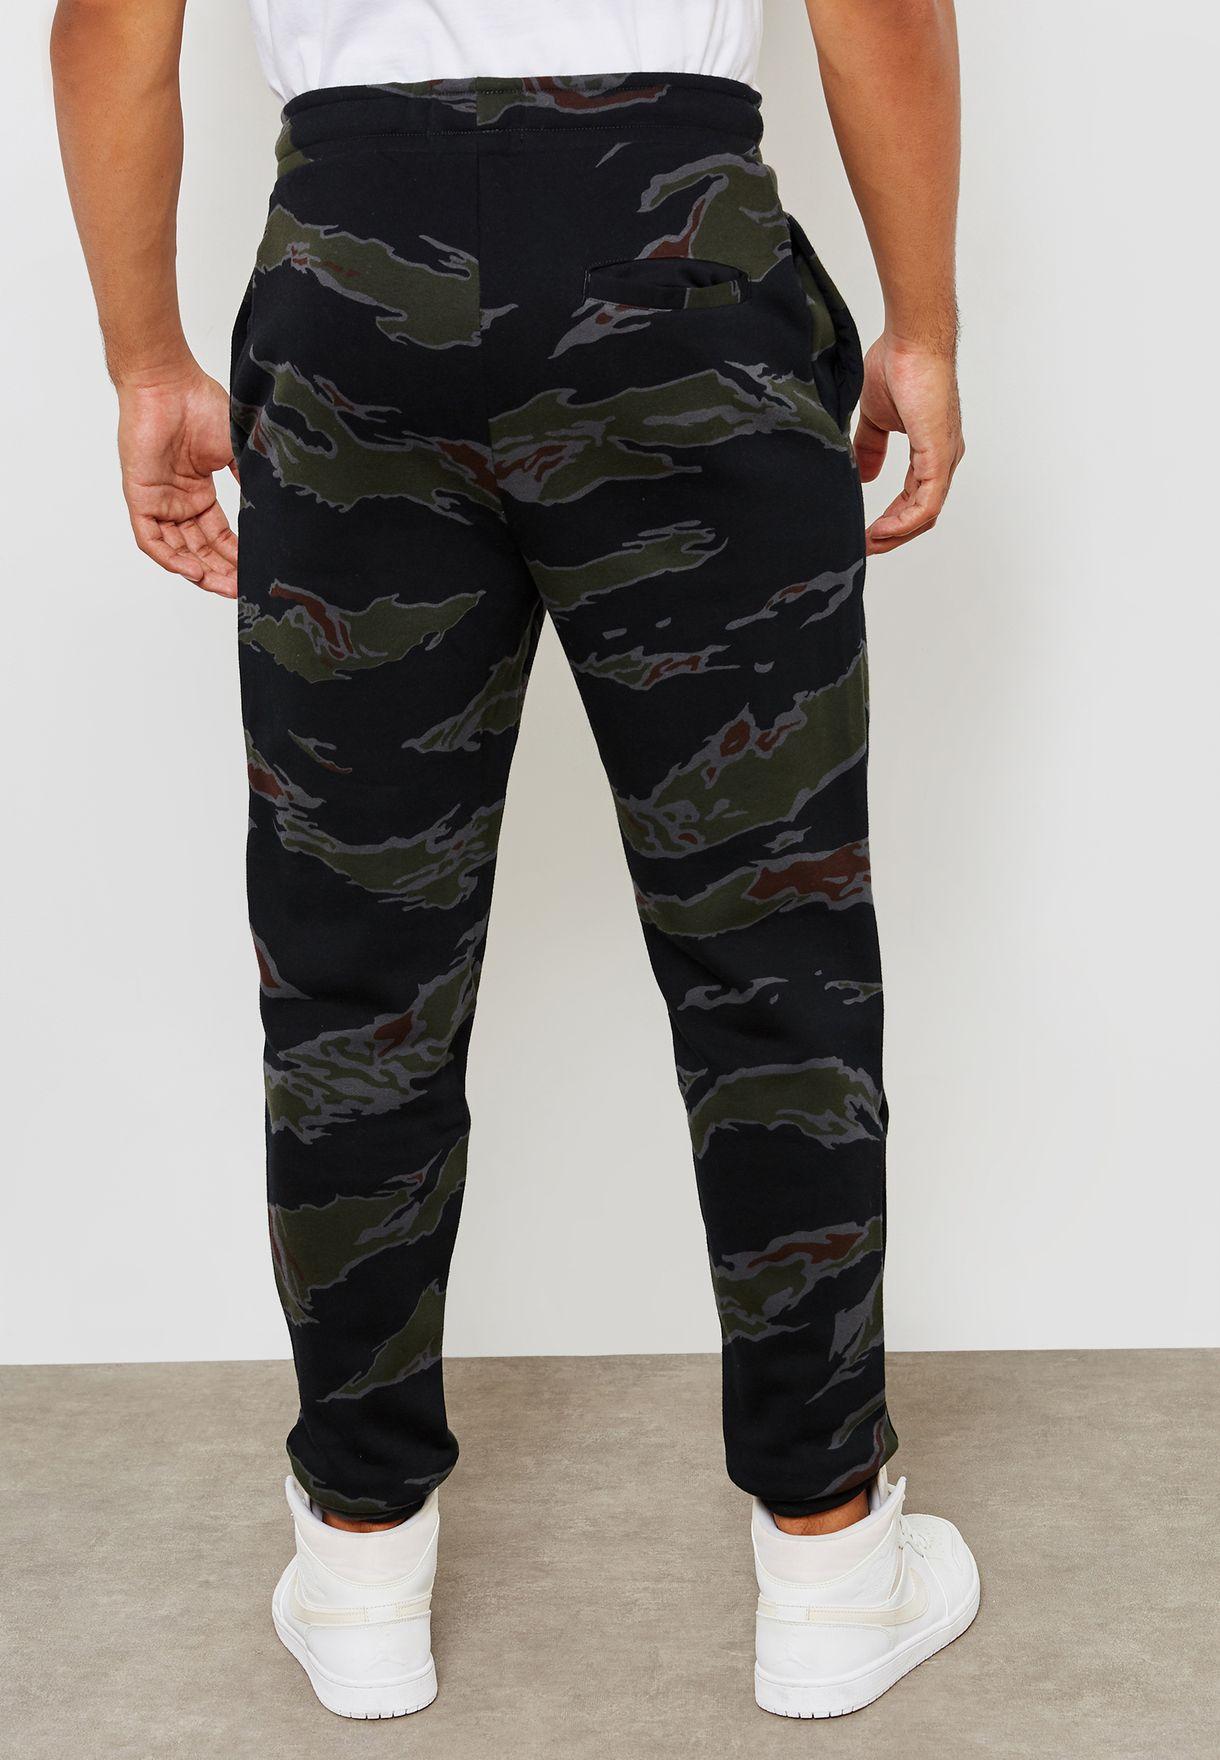 d270150a8b81 Shop   Free time   Clothes   Shorts   Pants